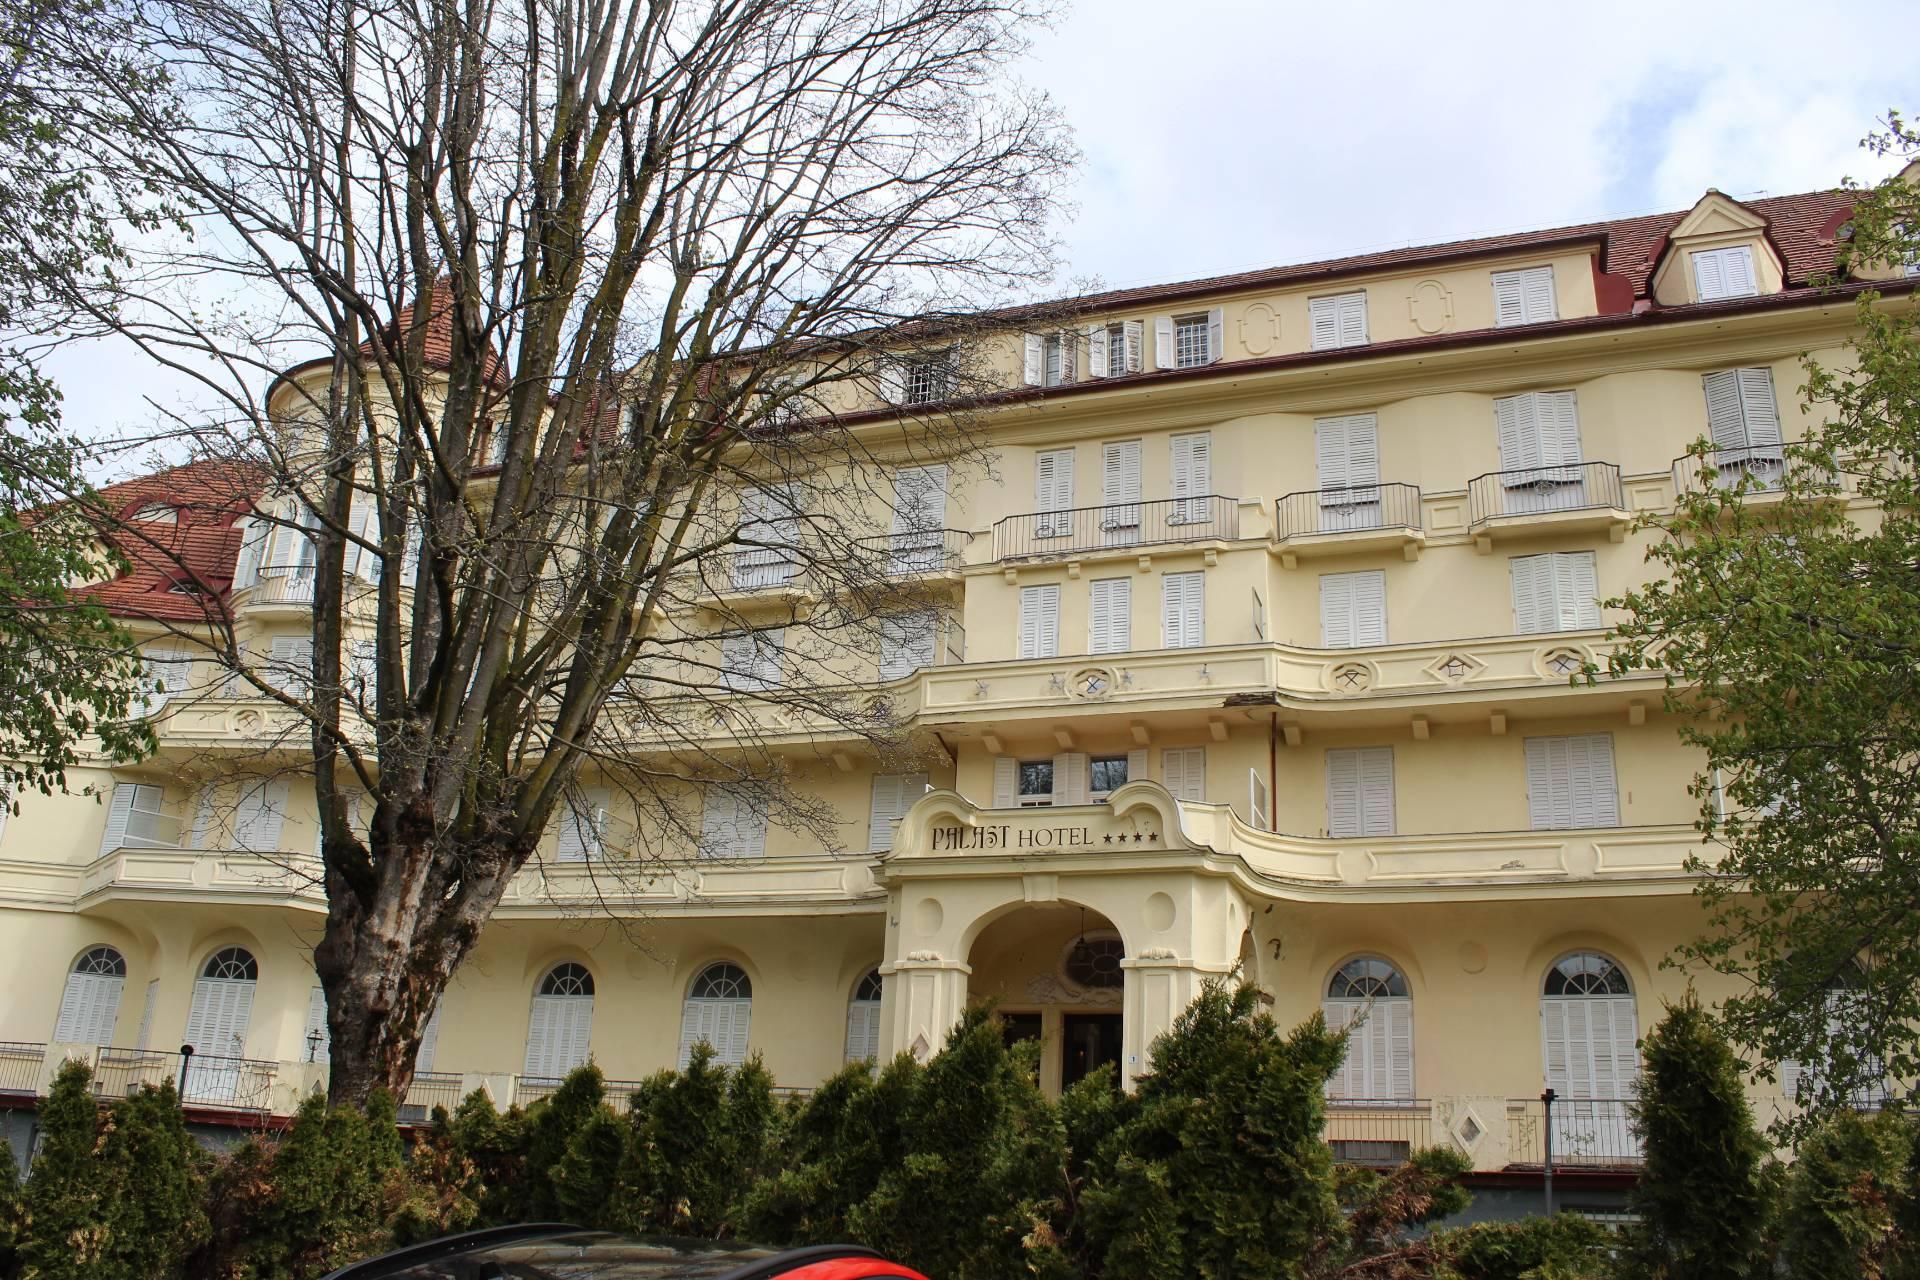 Appartamento in vendita a Brennero, 2 locali, zona Località: ColleIsarco, prezzo € 110.000   CambioCasa.it